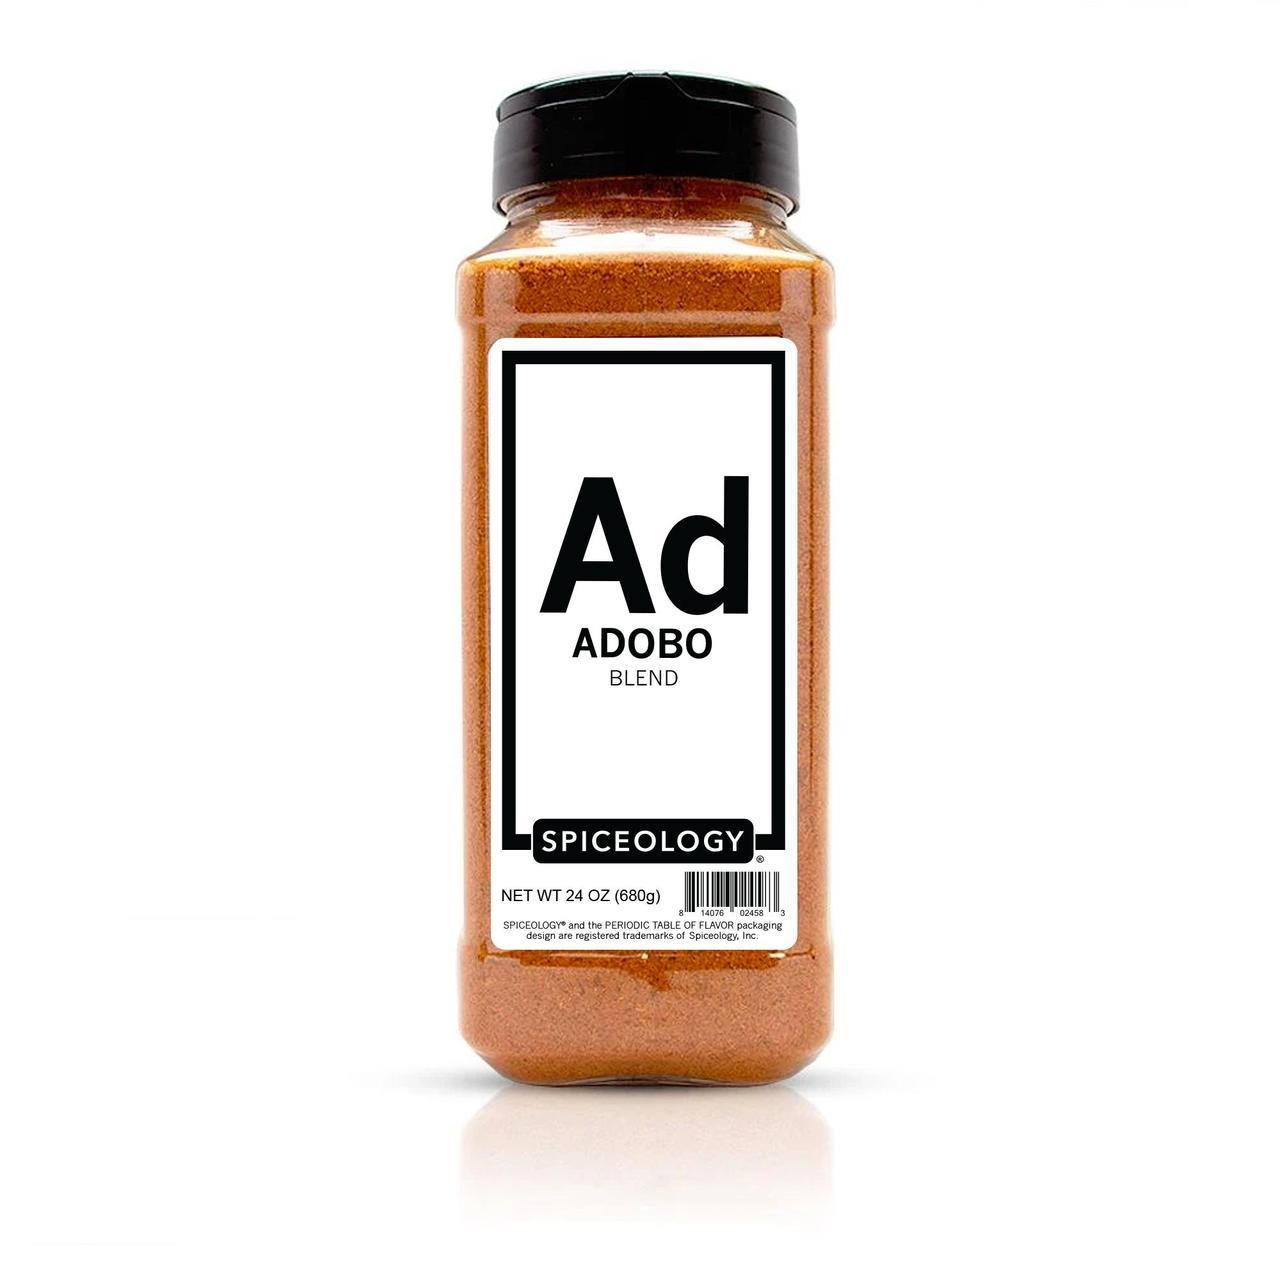 Adobo Latin Blend Spiceology